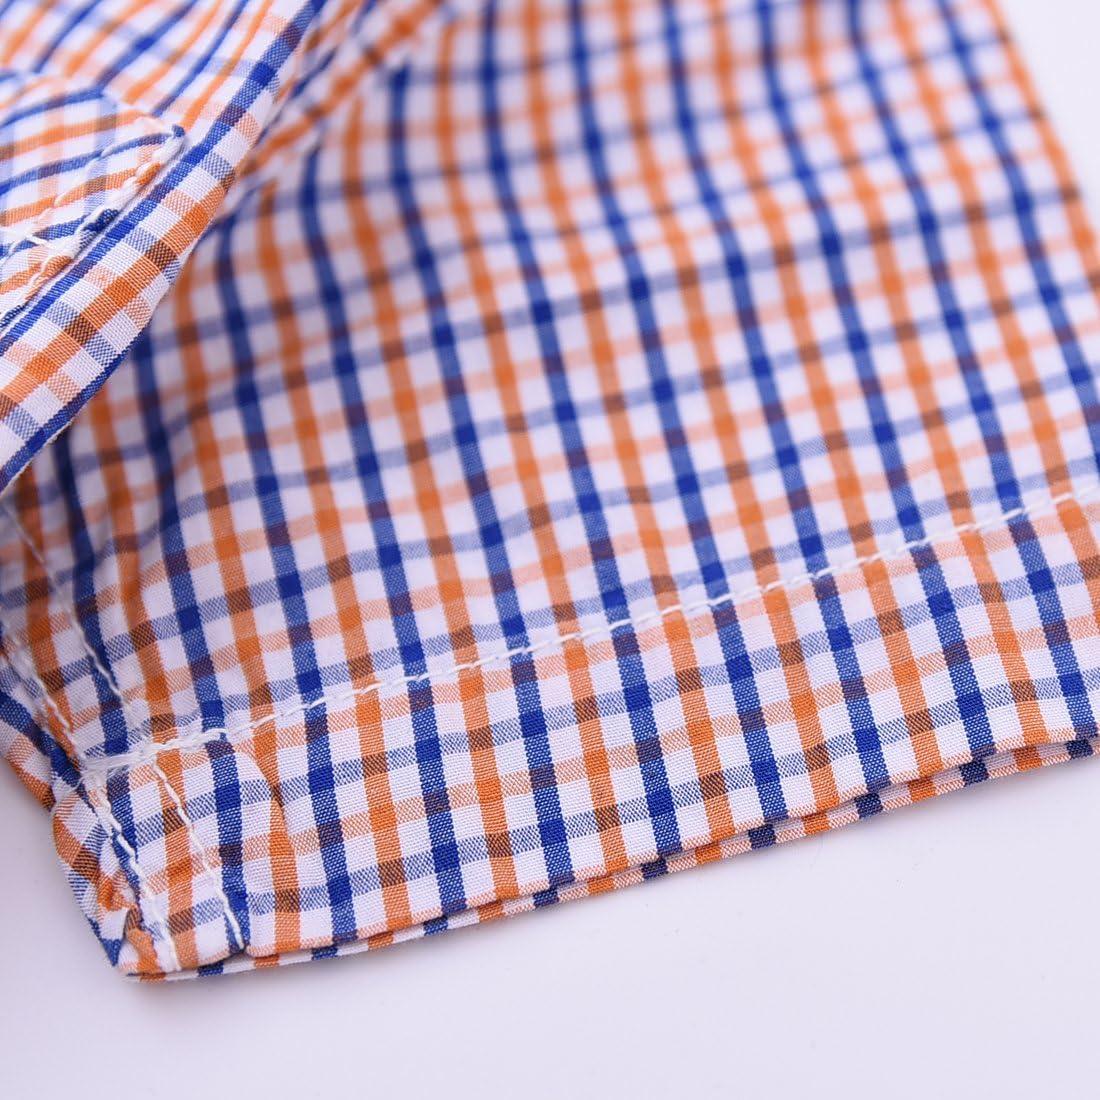 MOMOLAND Baby Boys Plaid Woven Shirt Short Sleeve Orange